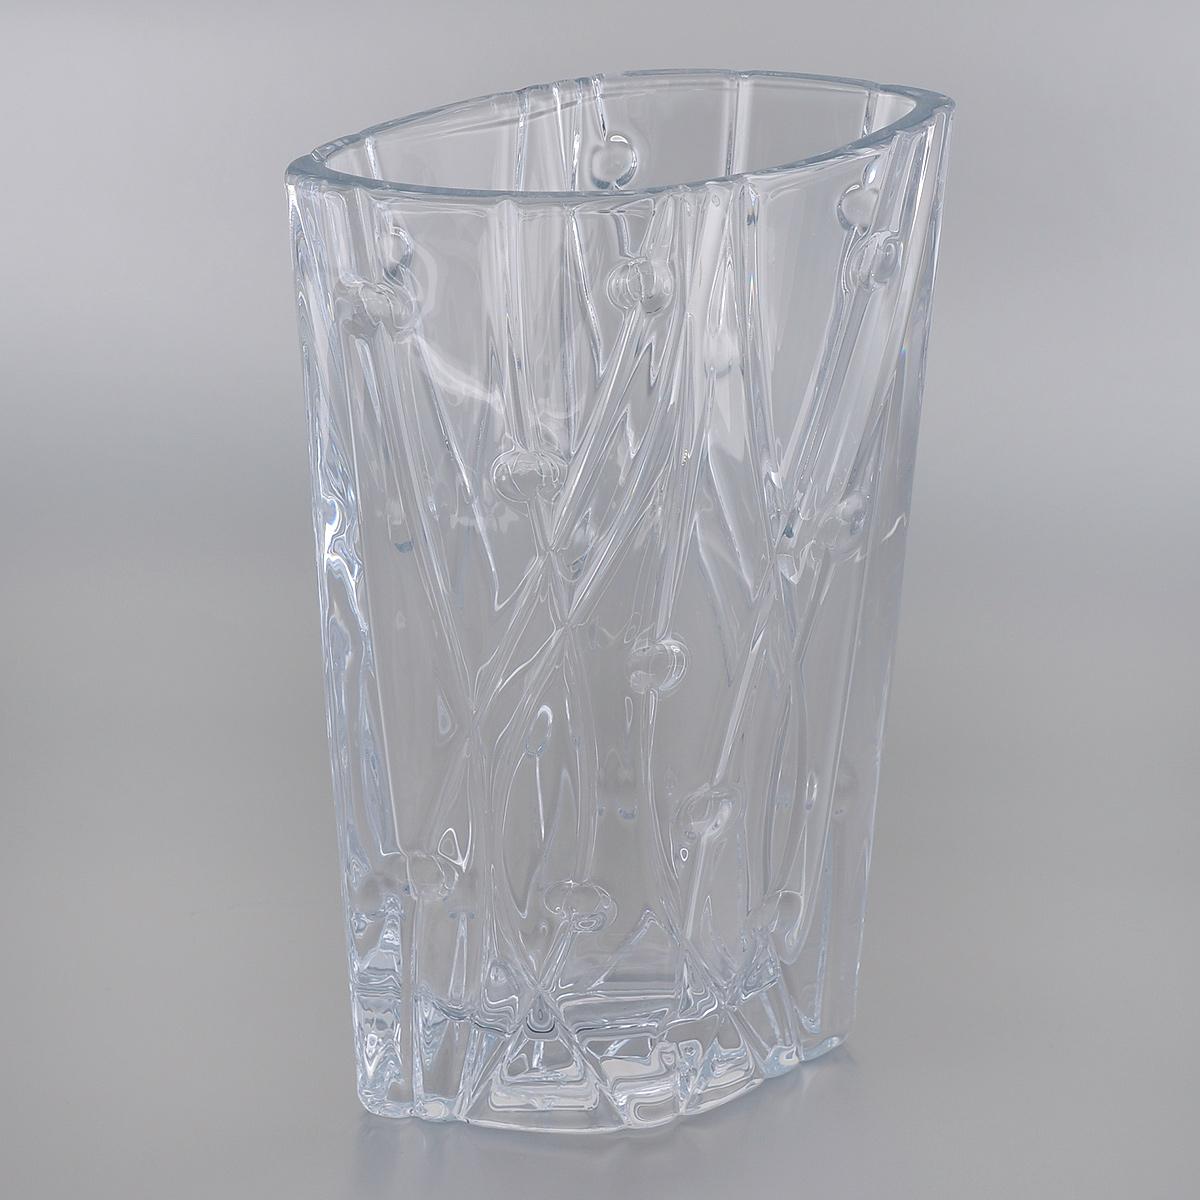 Ваза Crystalite Bohemia Лабиринт, высота 30,5 см8KC87/0/99J52/305Изящная ваза Crystalite Bohemia Лабиринт изготовлена из прочного утолщенного стекла кристалайт. Она красиво переливается и излучает приятный блеск. Ваза оснащена оригинальным рельефным рисунком, что делает ее изящным украшением интерьера. Ваза Crystalite Bohemia Лабиринт дополнит интерьер офиса или дома и станет желанным и стильным подарком.